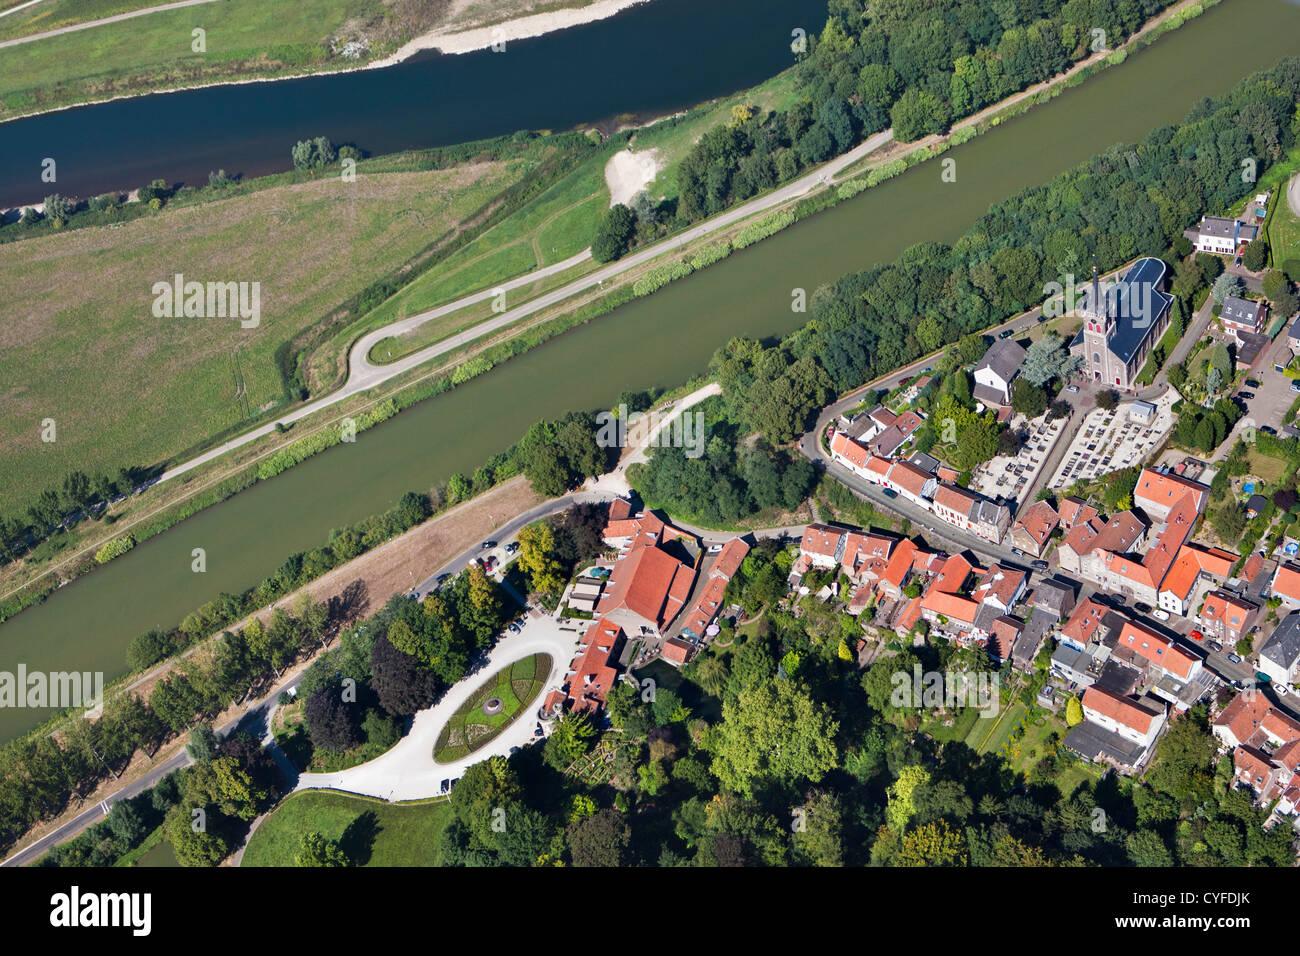 Niederlande, Elsloo, Dorf in der Nähe von Canal Juliana Kanal und ein wenig weiter den Fluss Maas oder Meuse Stockbild